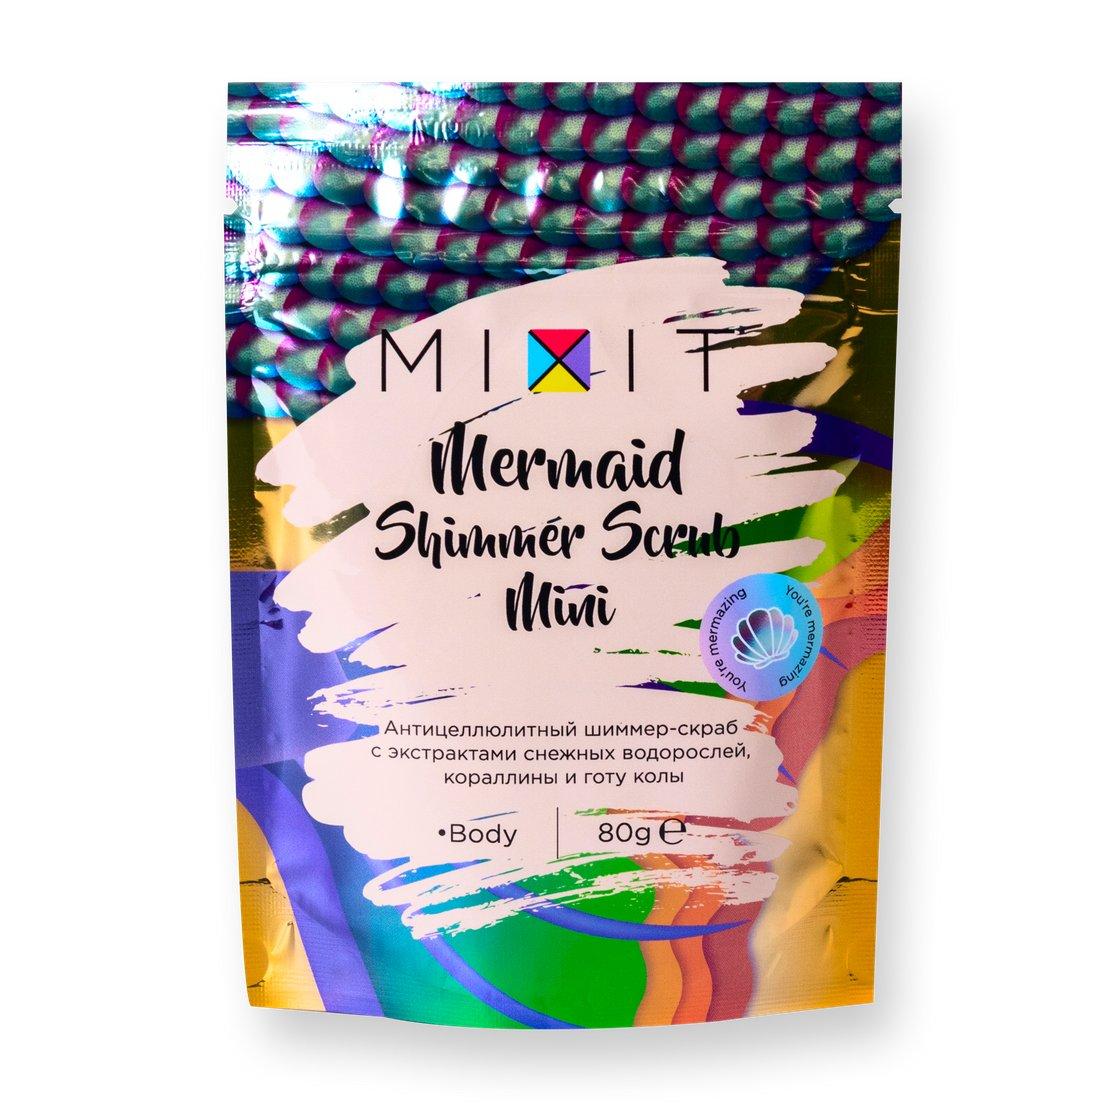 Антицеллюлитный шиммер-скраб мини Mixit